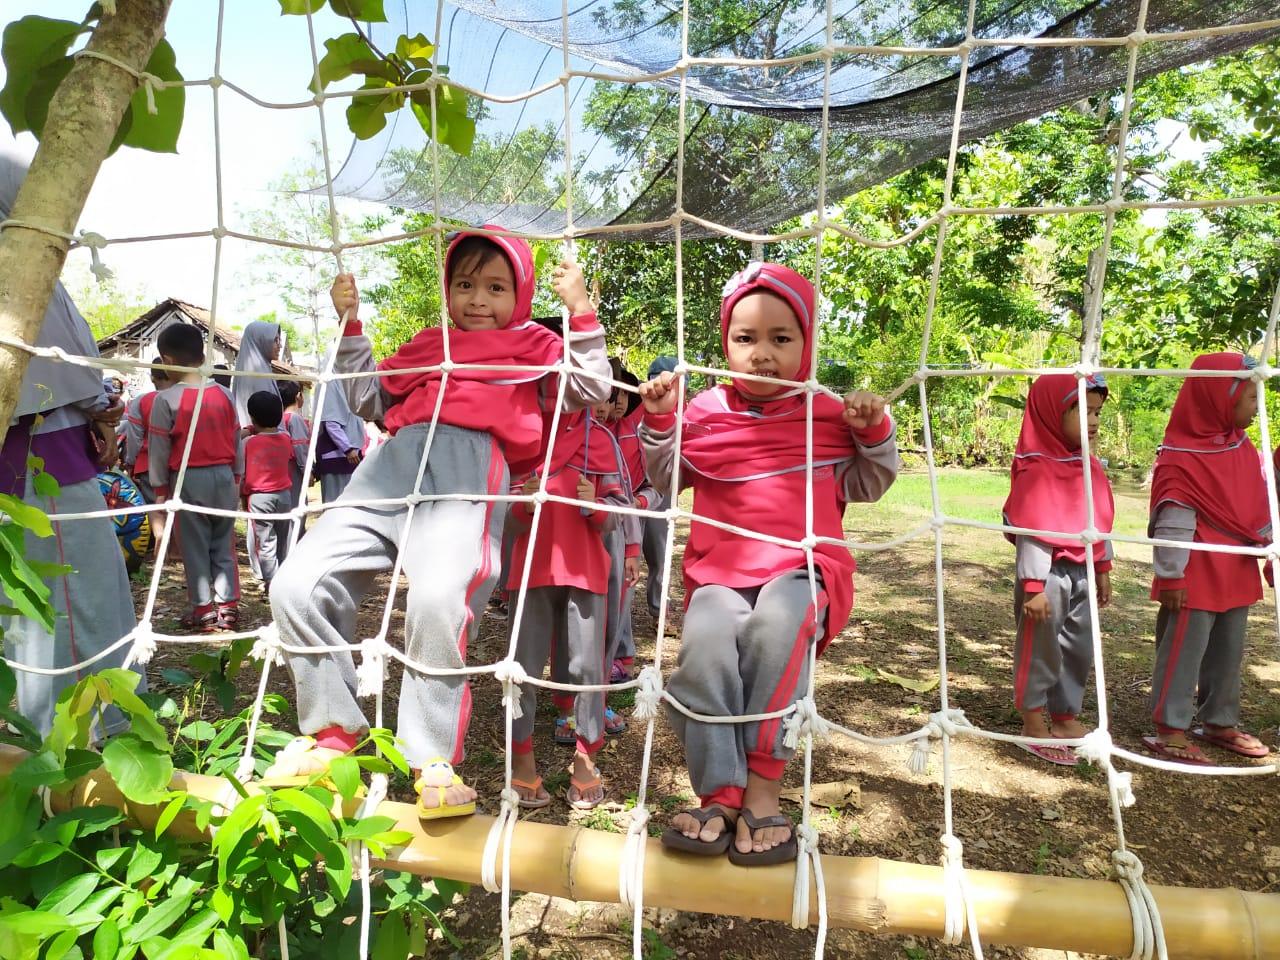 Wisata Agro Sayur Tegal Seruwan Gresik, dan Manfaat Outbound bagi Anak